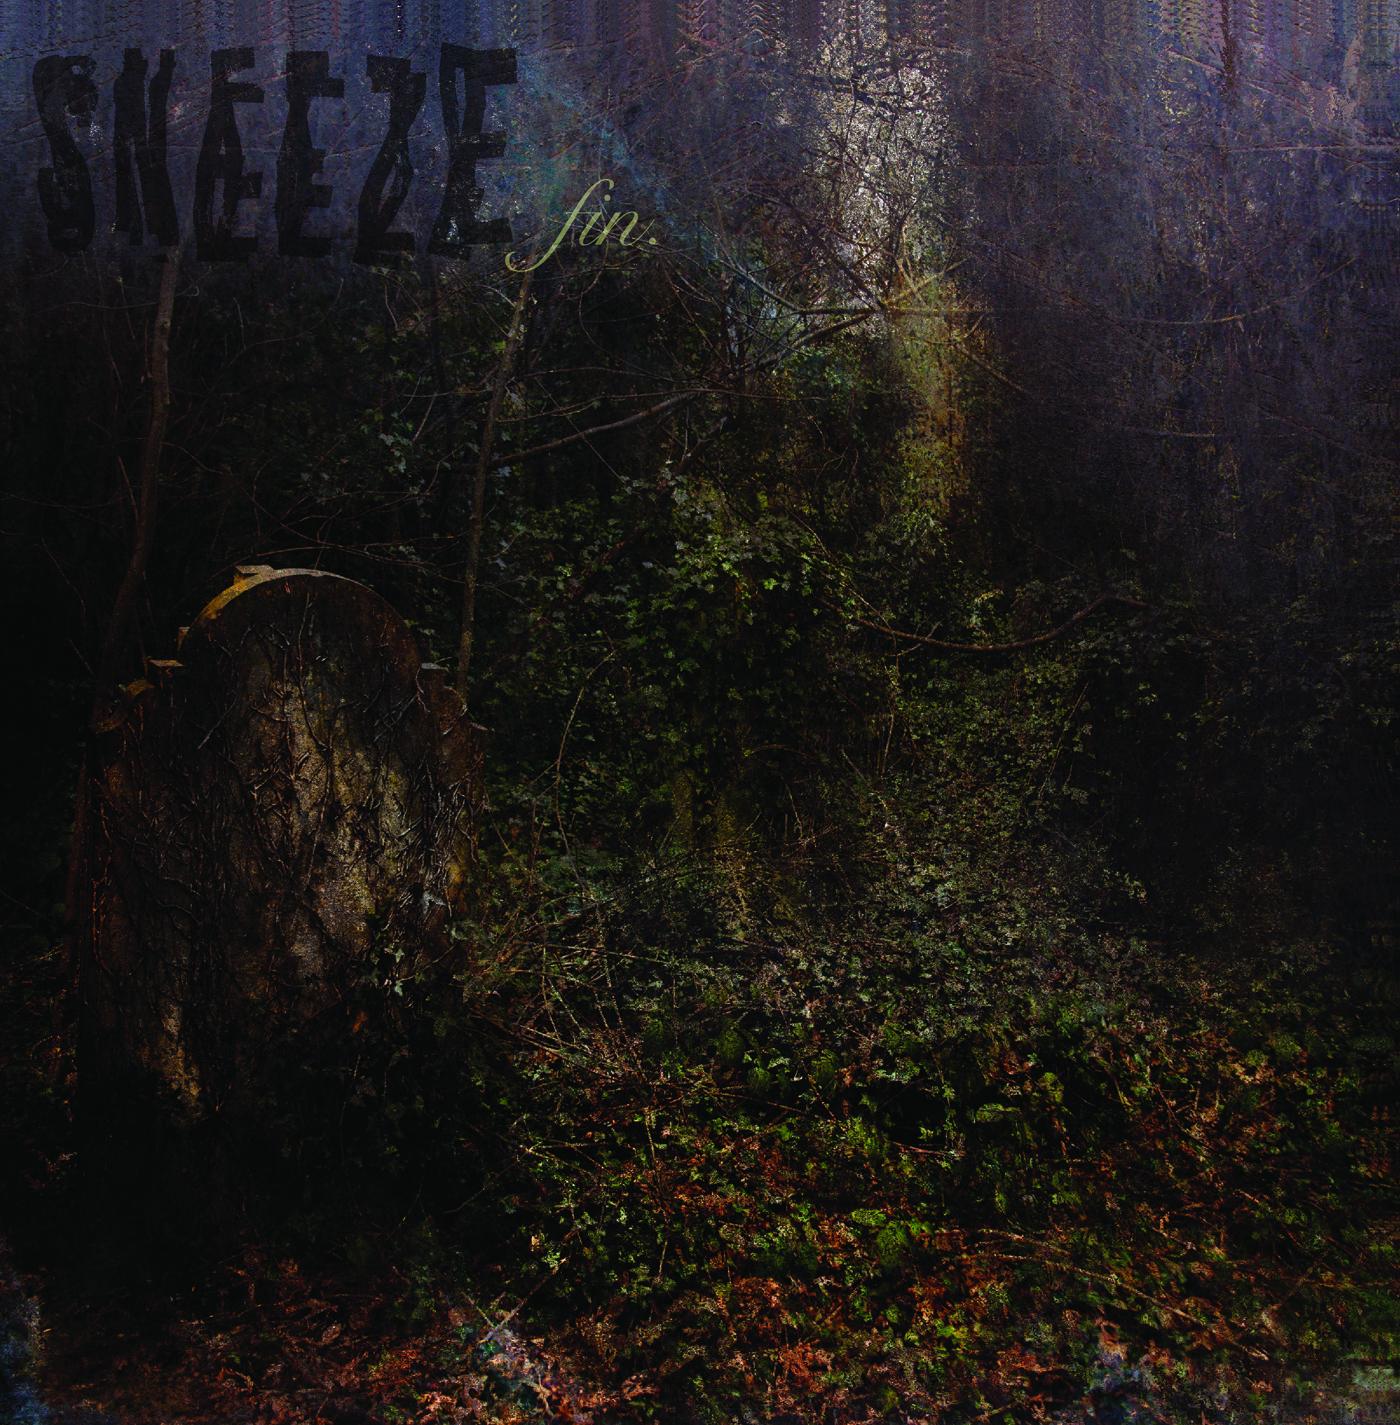 PRE-ORDER*** Sneeze - fin  LP (coke-bottle clear) - $12 00